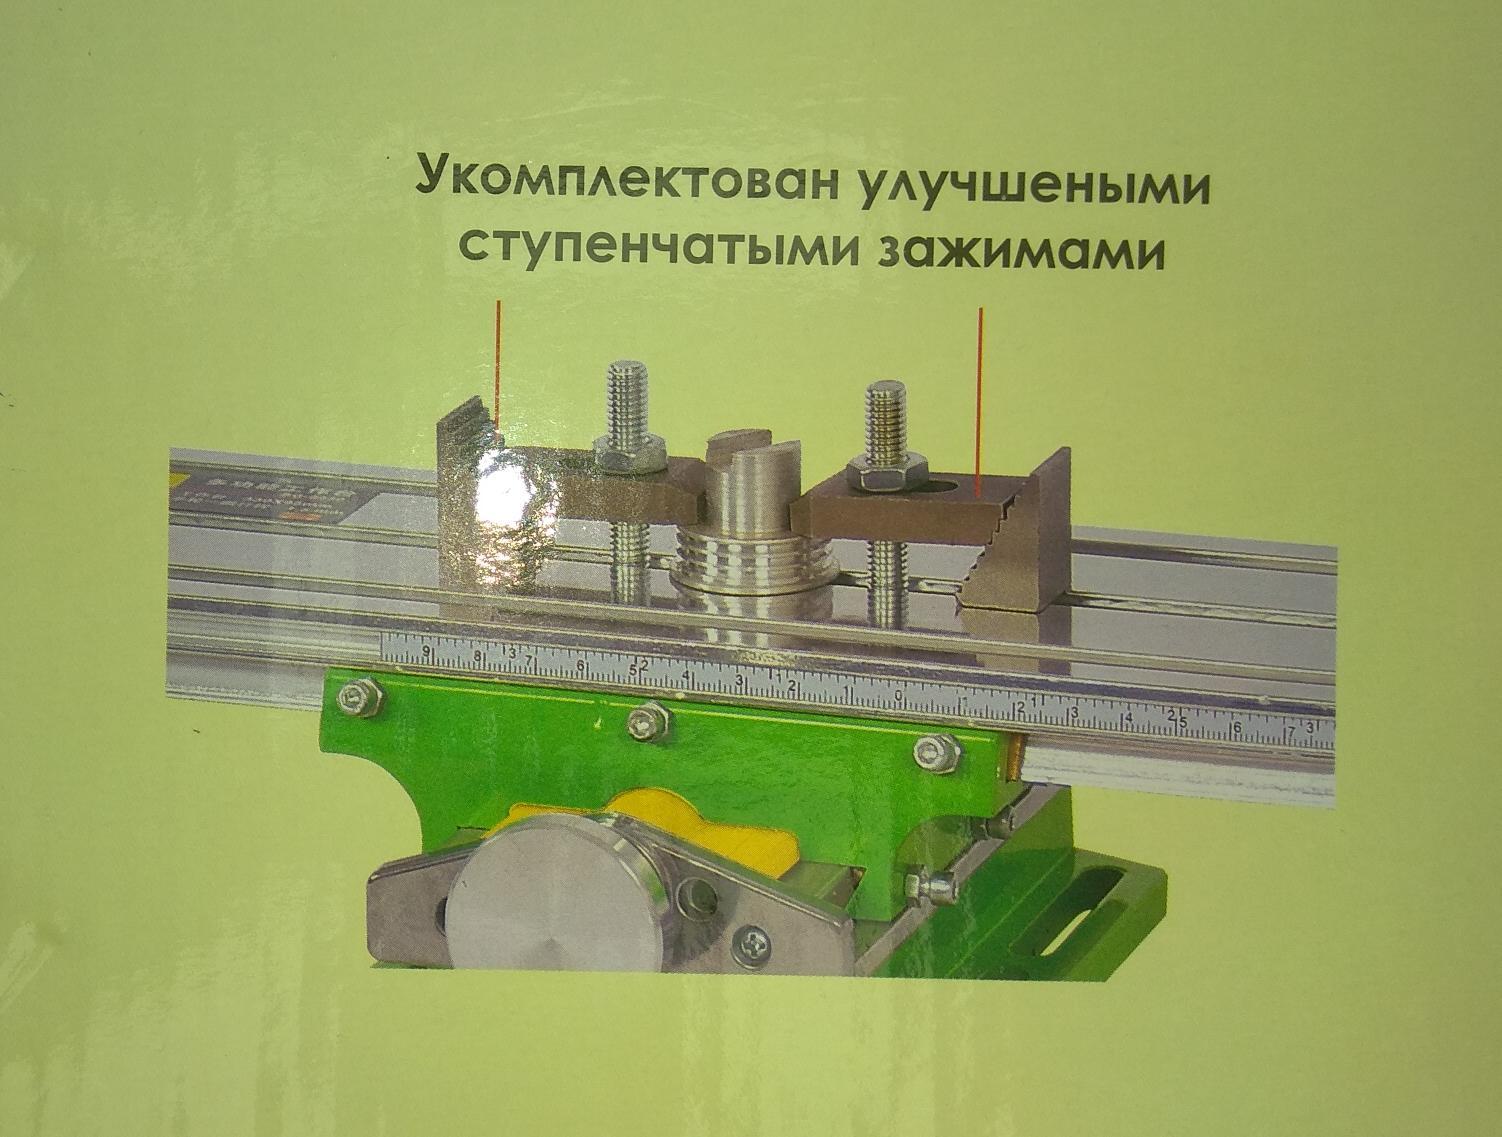 Стол двухкоординатный механический, для станка. Арт. 25502